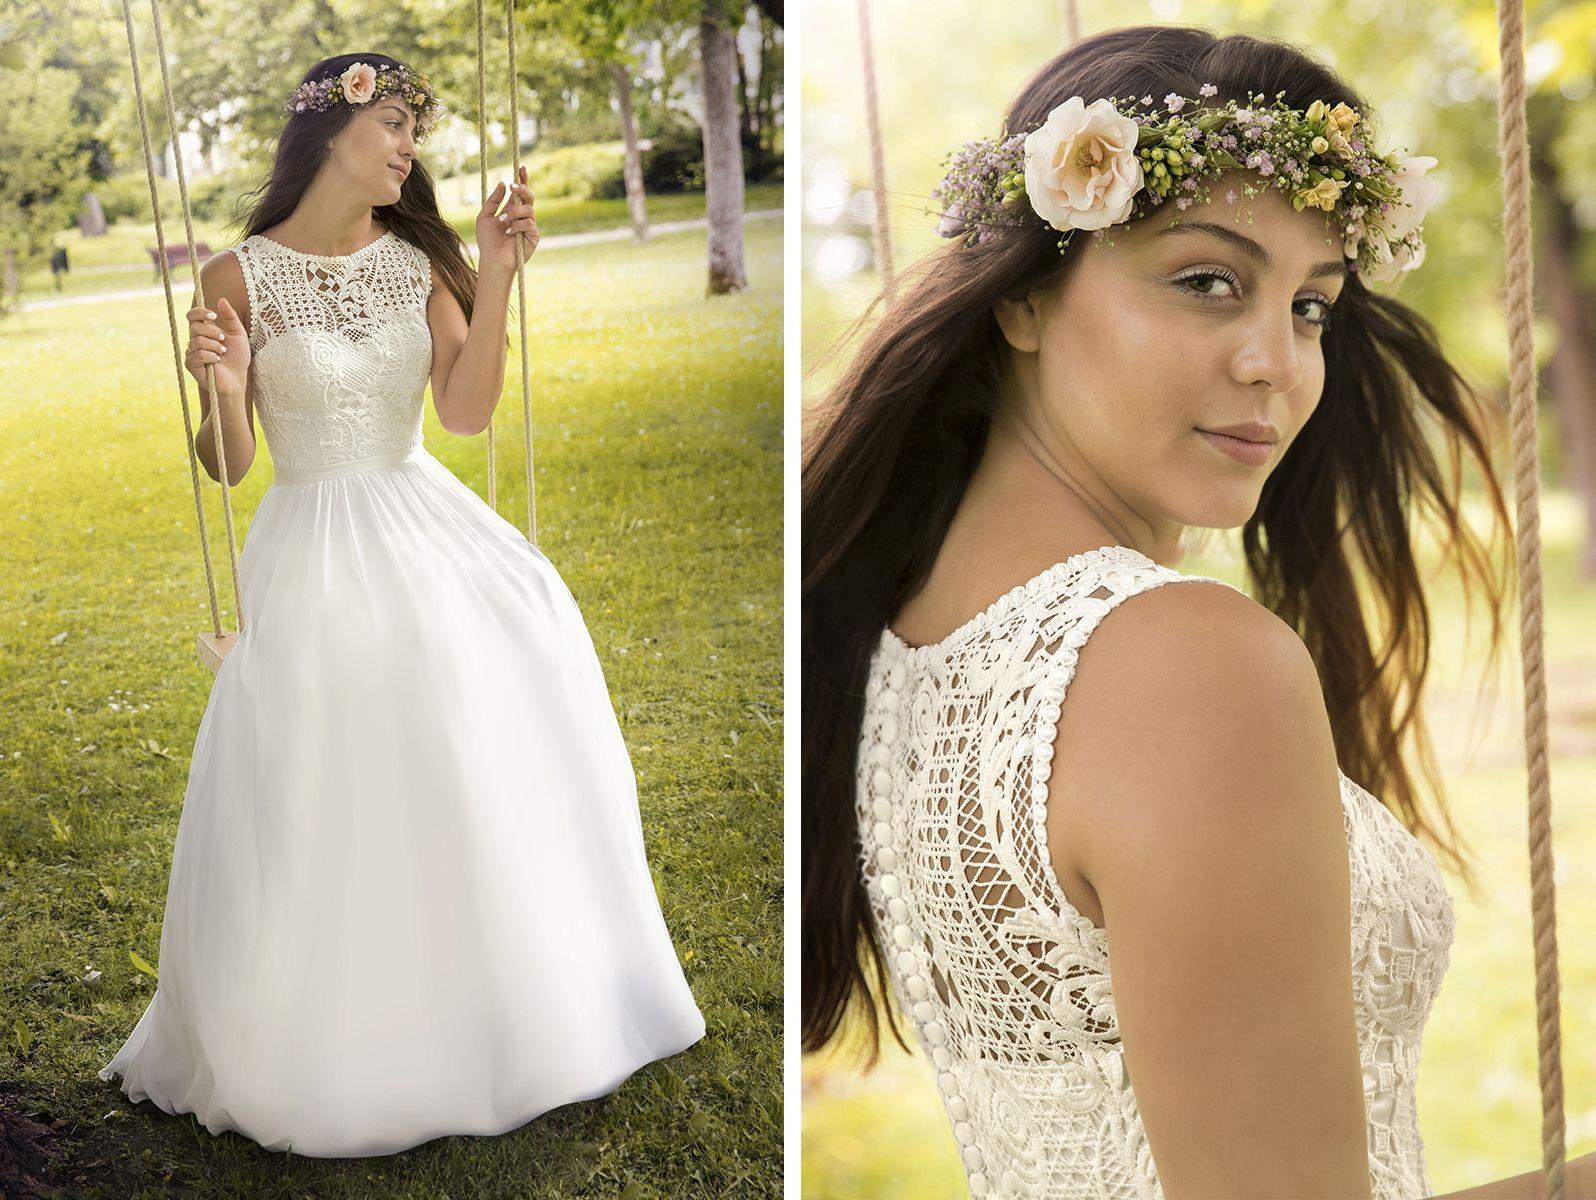 Kleemeier #brautmode #brautkleid #hochzeitskleid #bridal